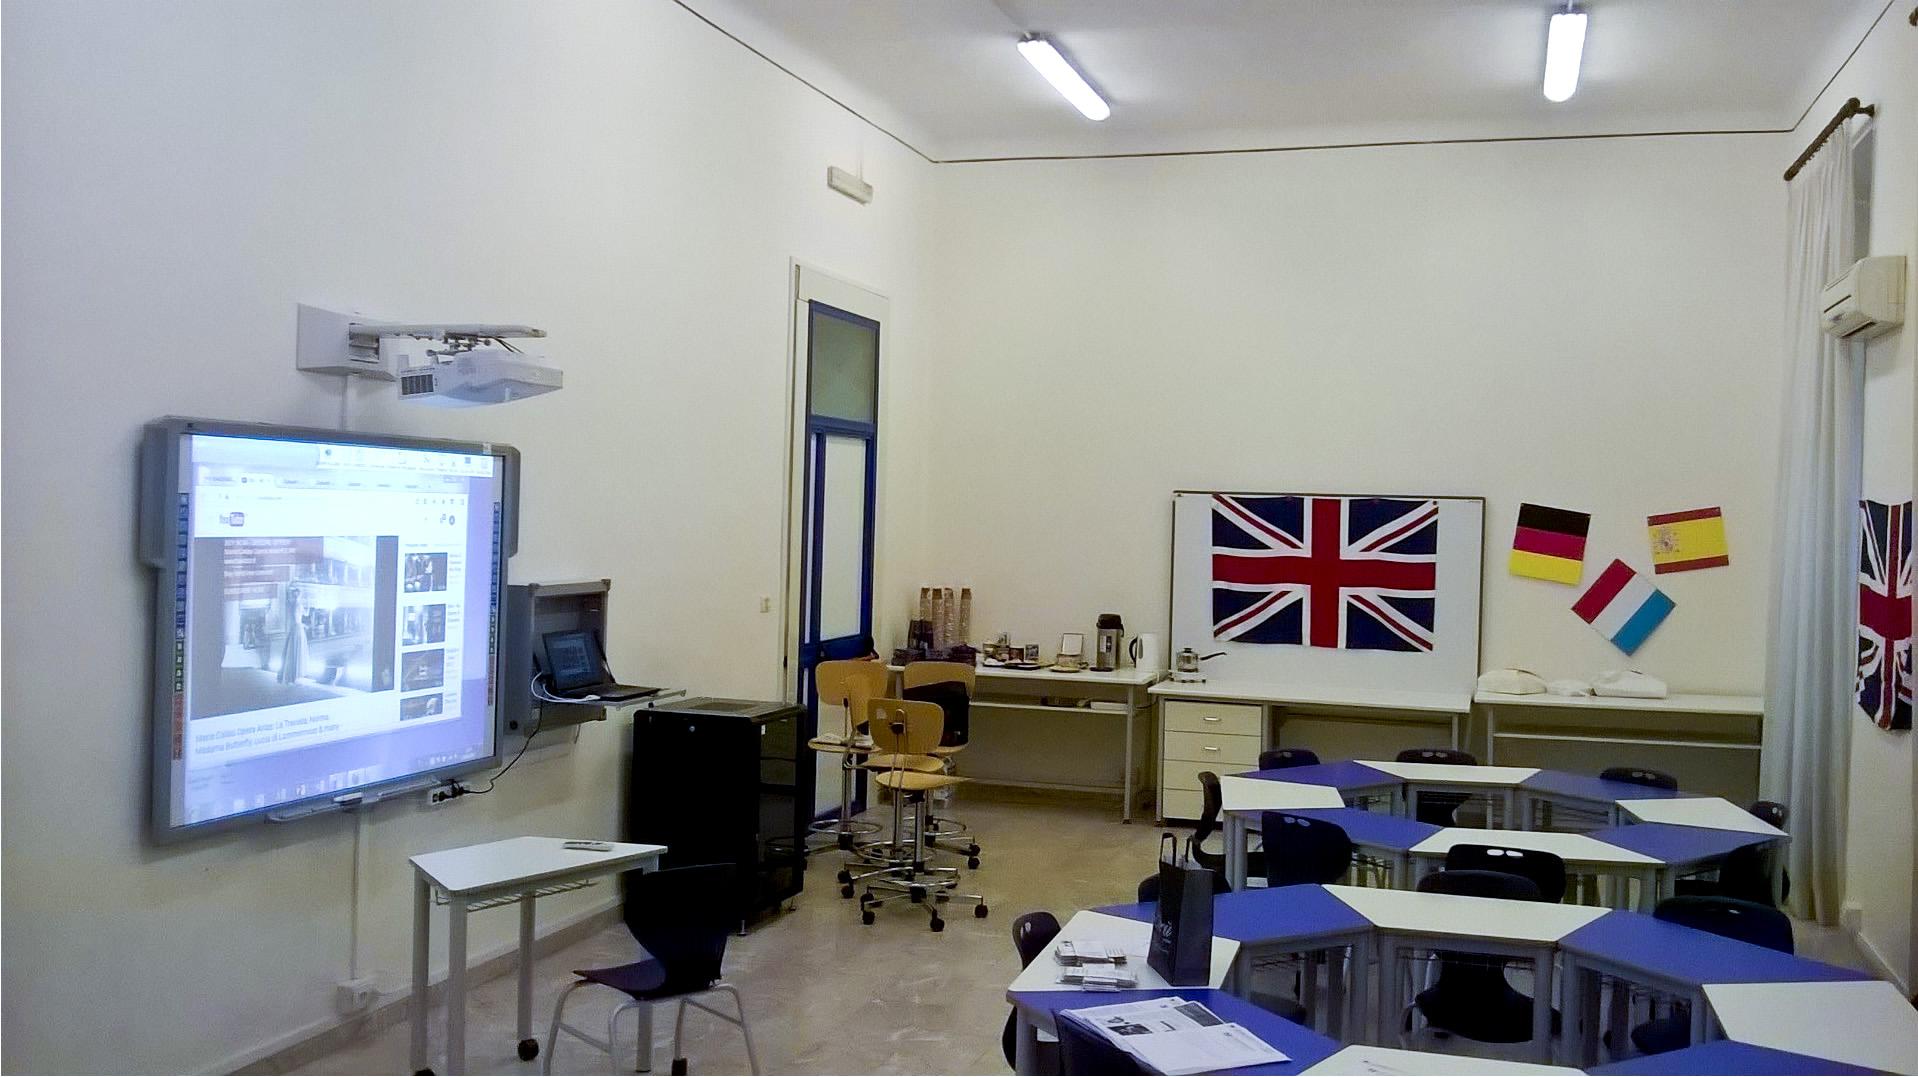 Ambienti Digitali – L'evoluzione dell'aula scolastica